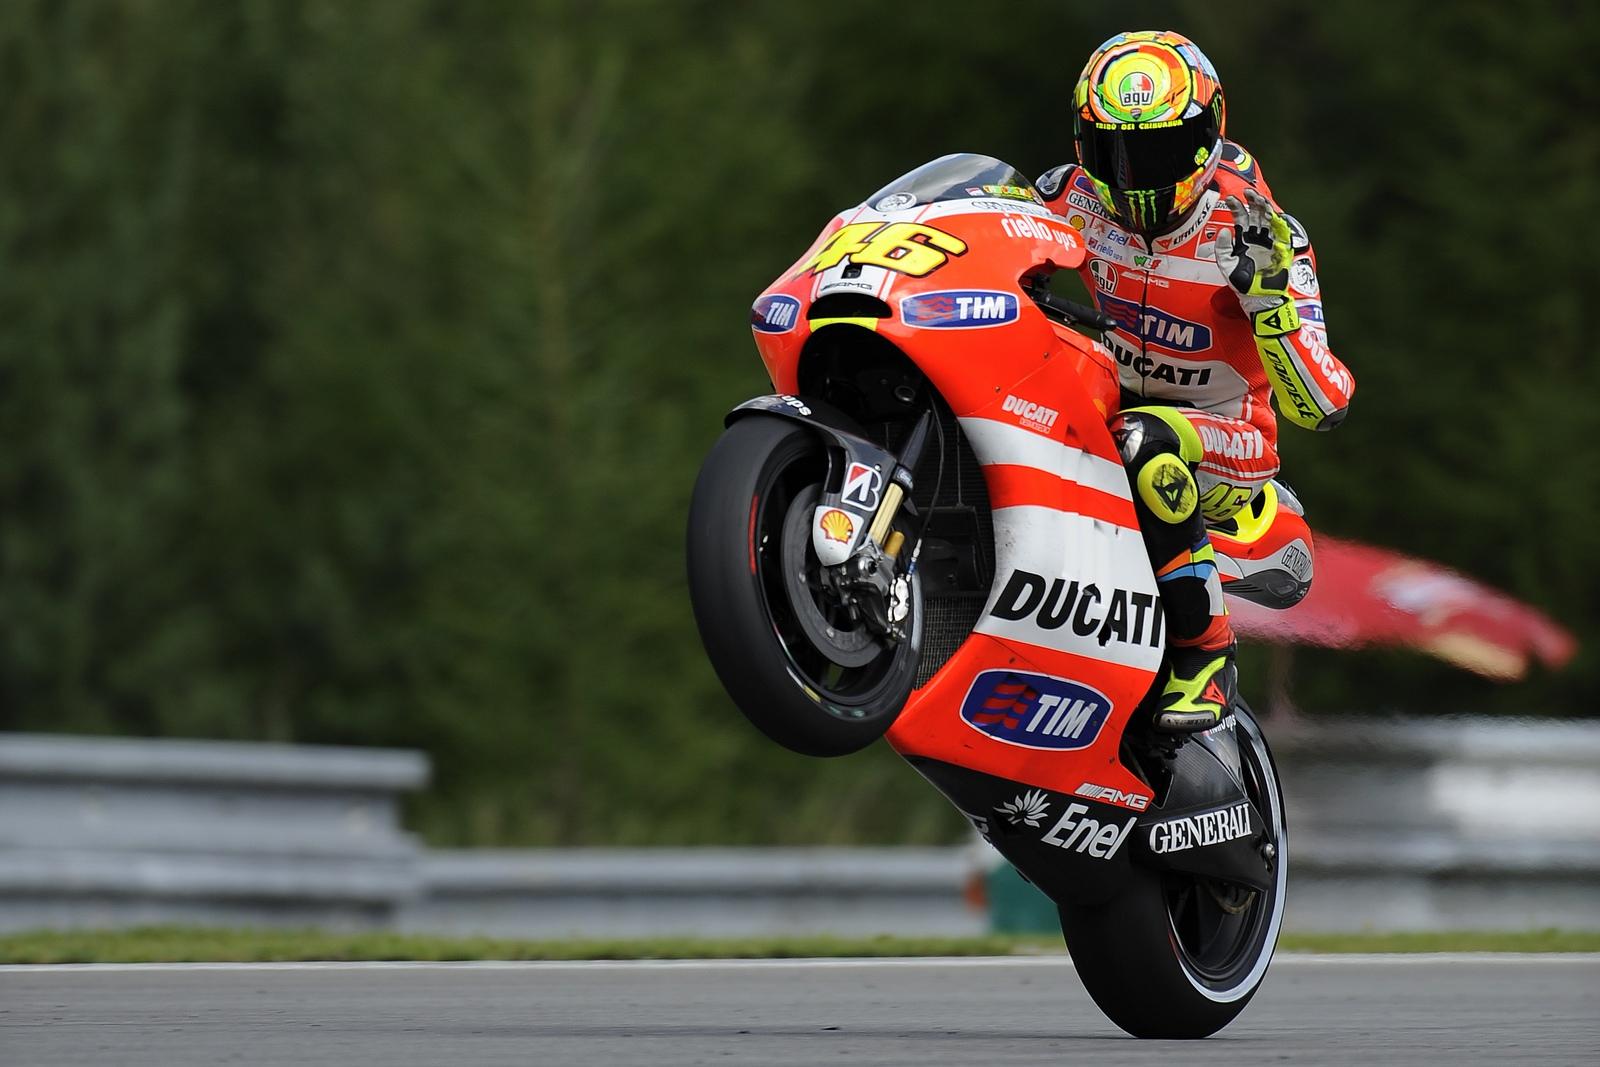 http://3.bp.blogspot.com/-SJ70QOtlFEk/TrWU6BbfrmI/AAAAAAAAGao/qBjL-_wMtVQ/s1600/valentino-rossi-ducati-motogp-wheelie.jpg